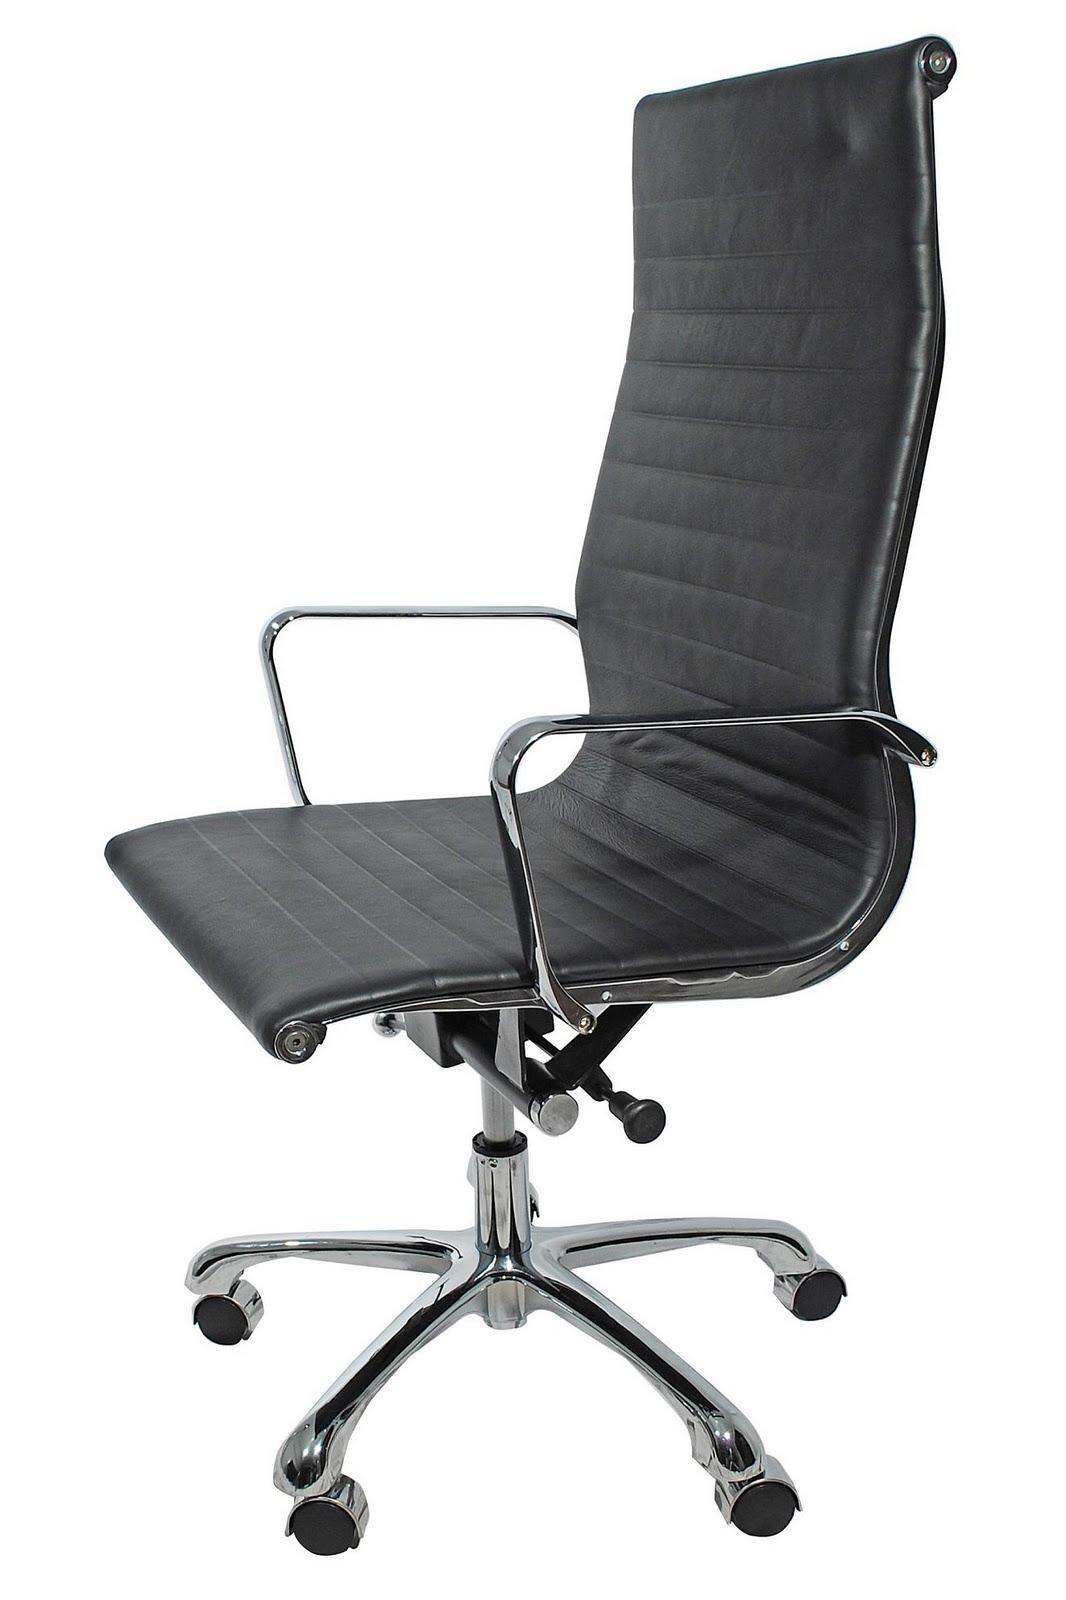 Blog decoranding c mo elegir una buena silla de oficina for Sillas para una buena postura